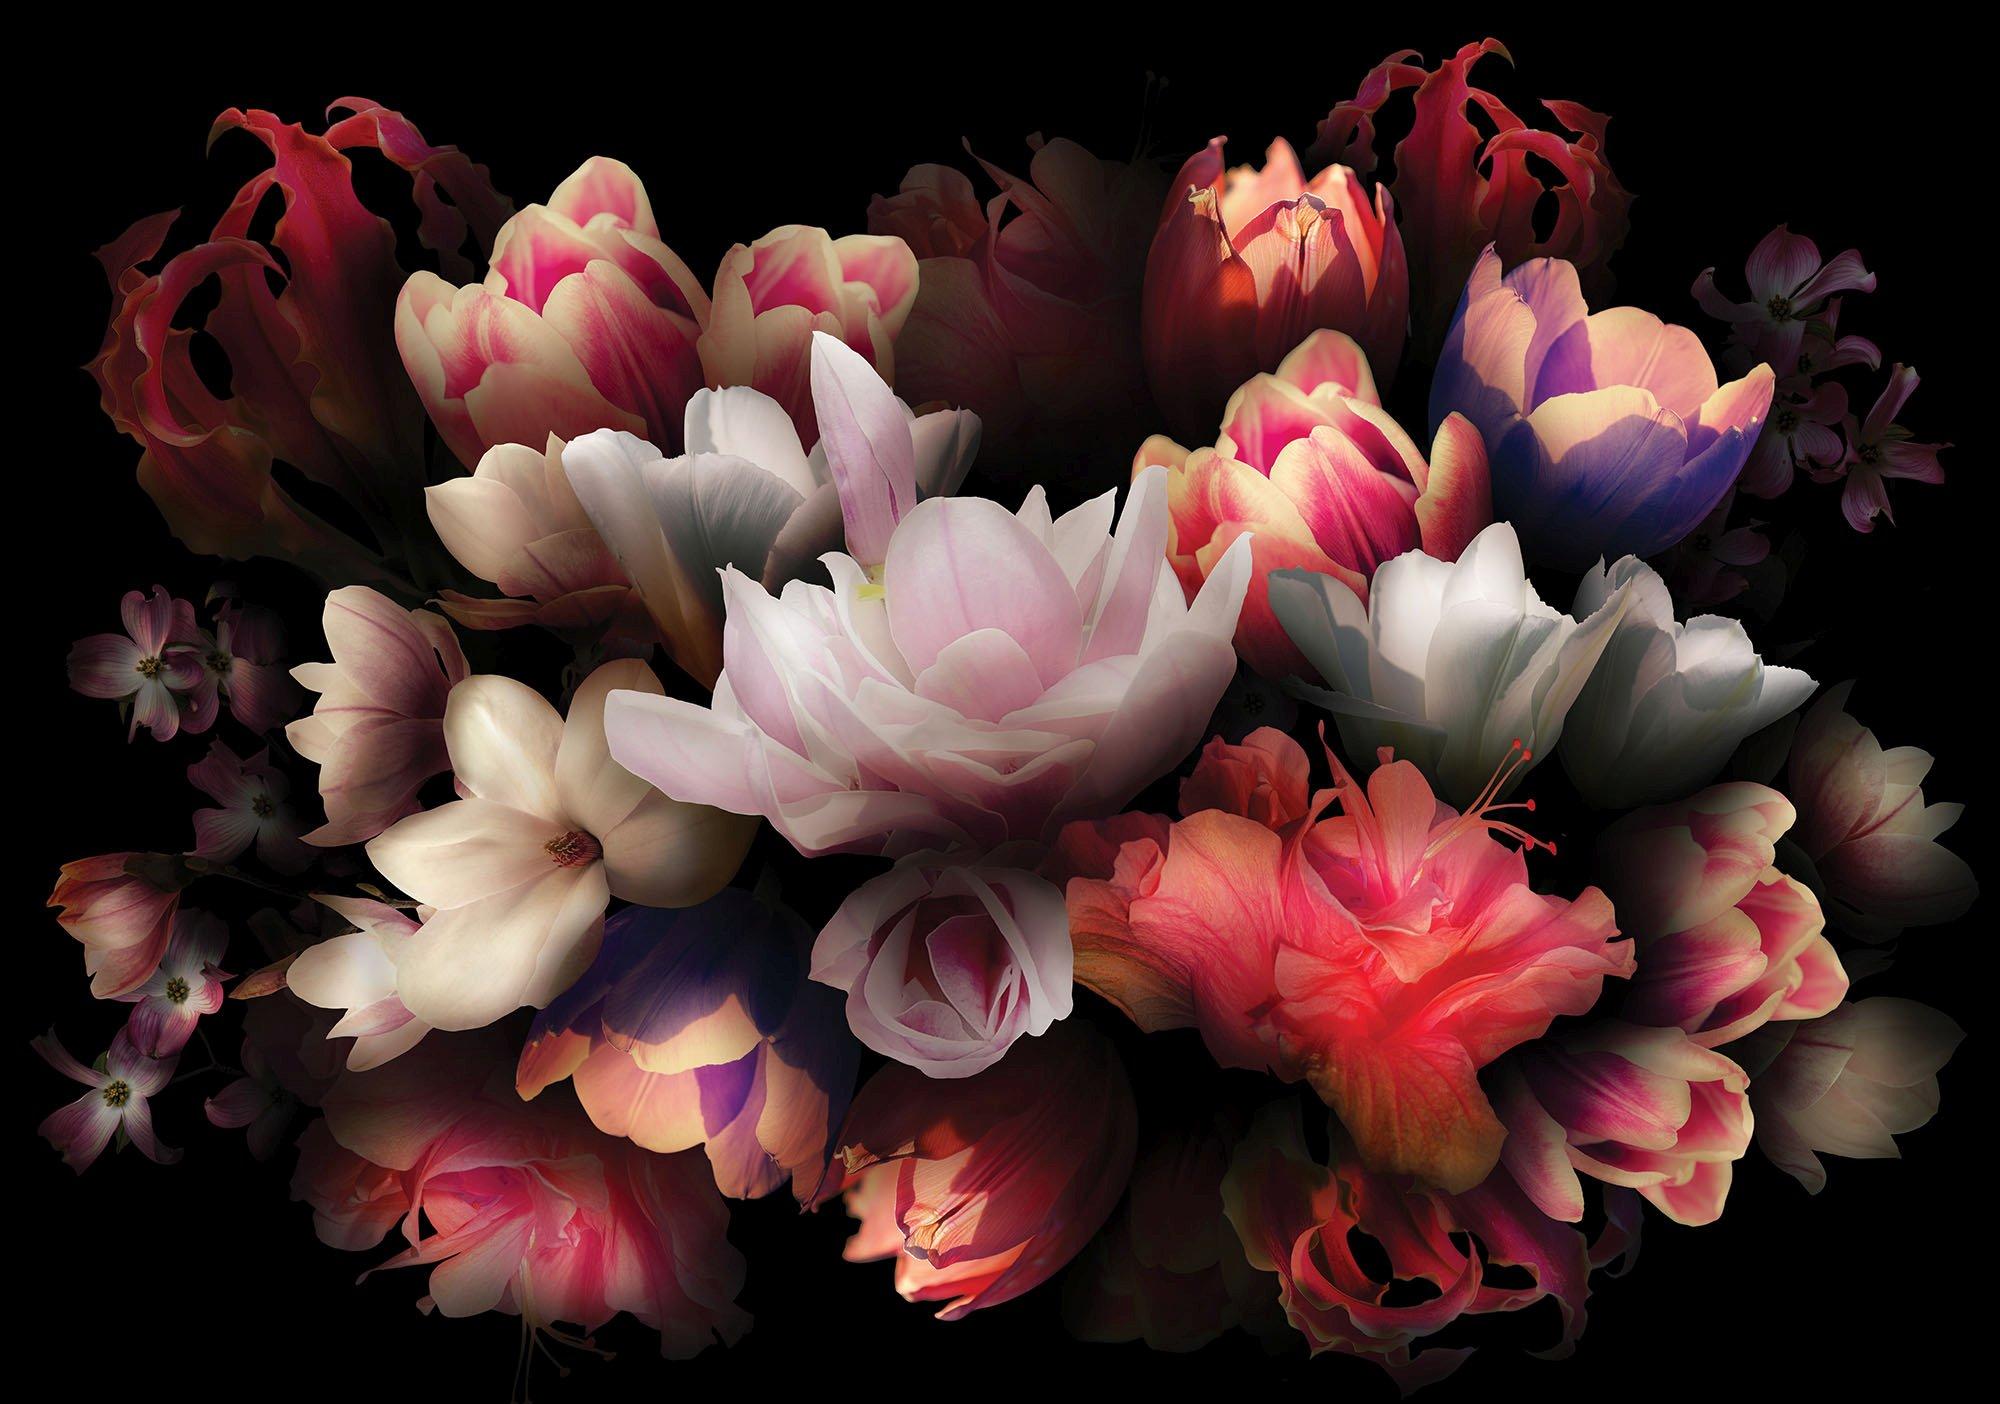 Full Size of Fototapete Blumen Dekoriere Deine Welt Fenster Fototapeten Wohnzimmer Schlafzimmer Küche Wohnzimmer Fototapete Blumen